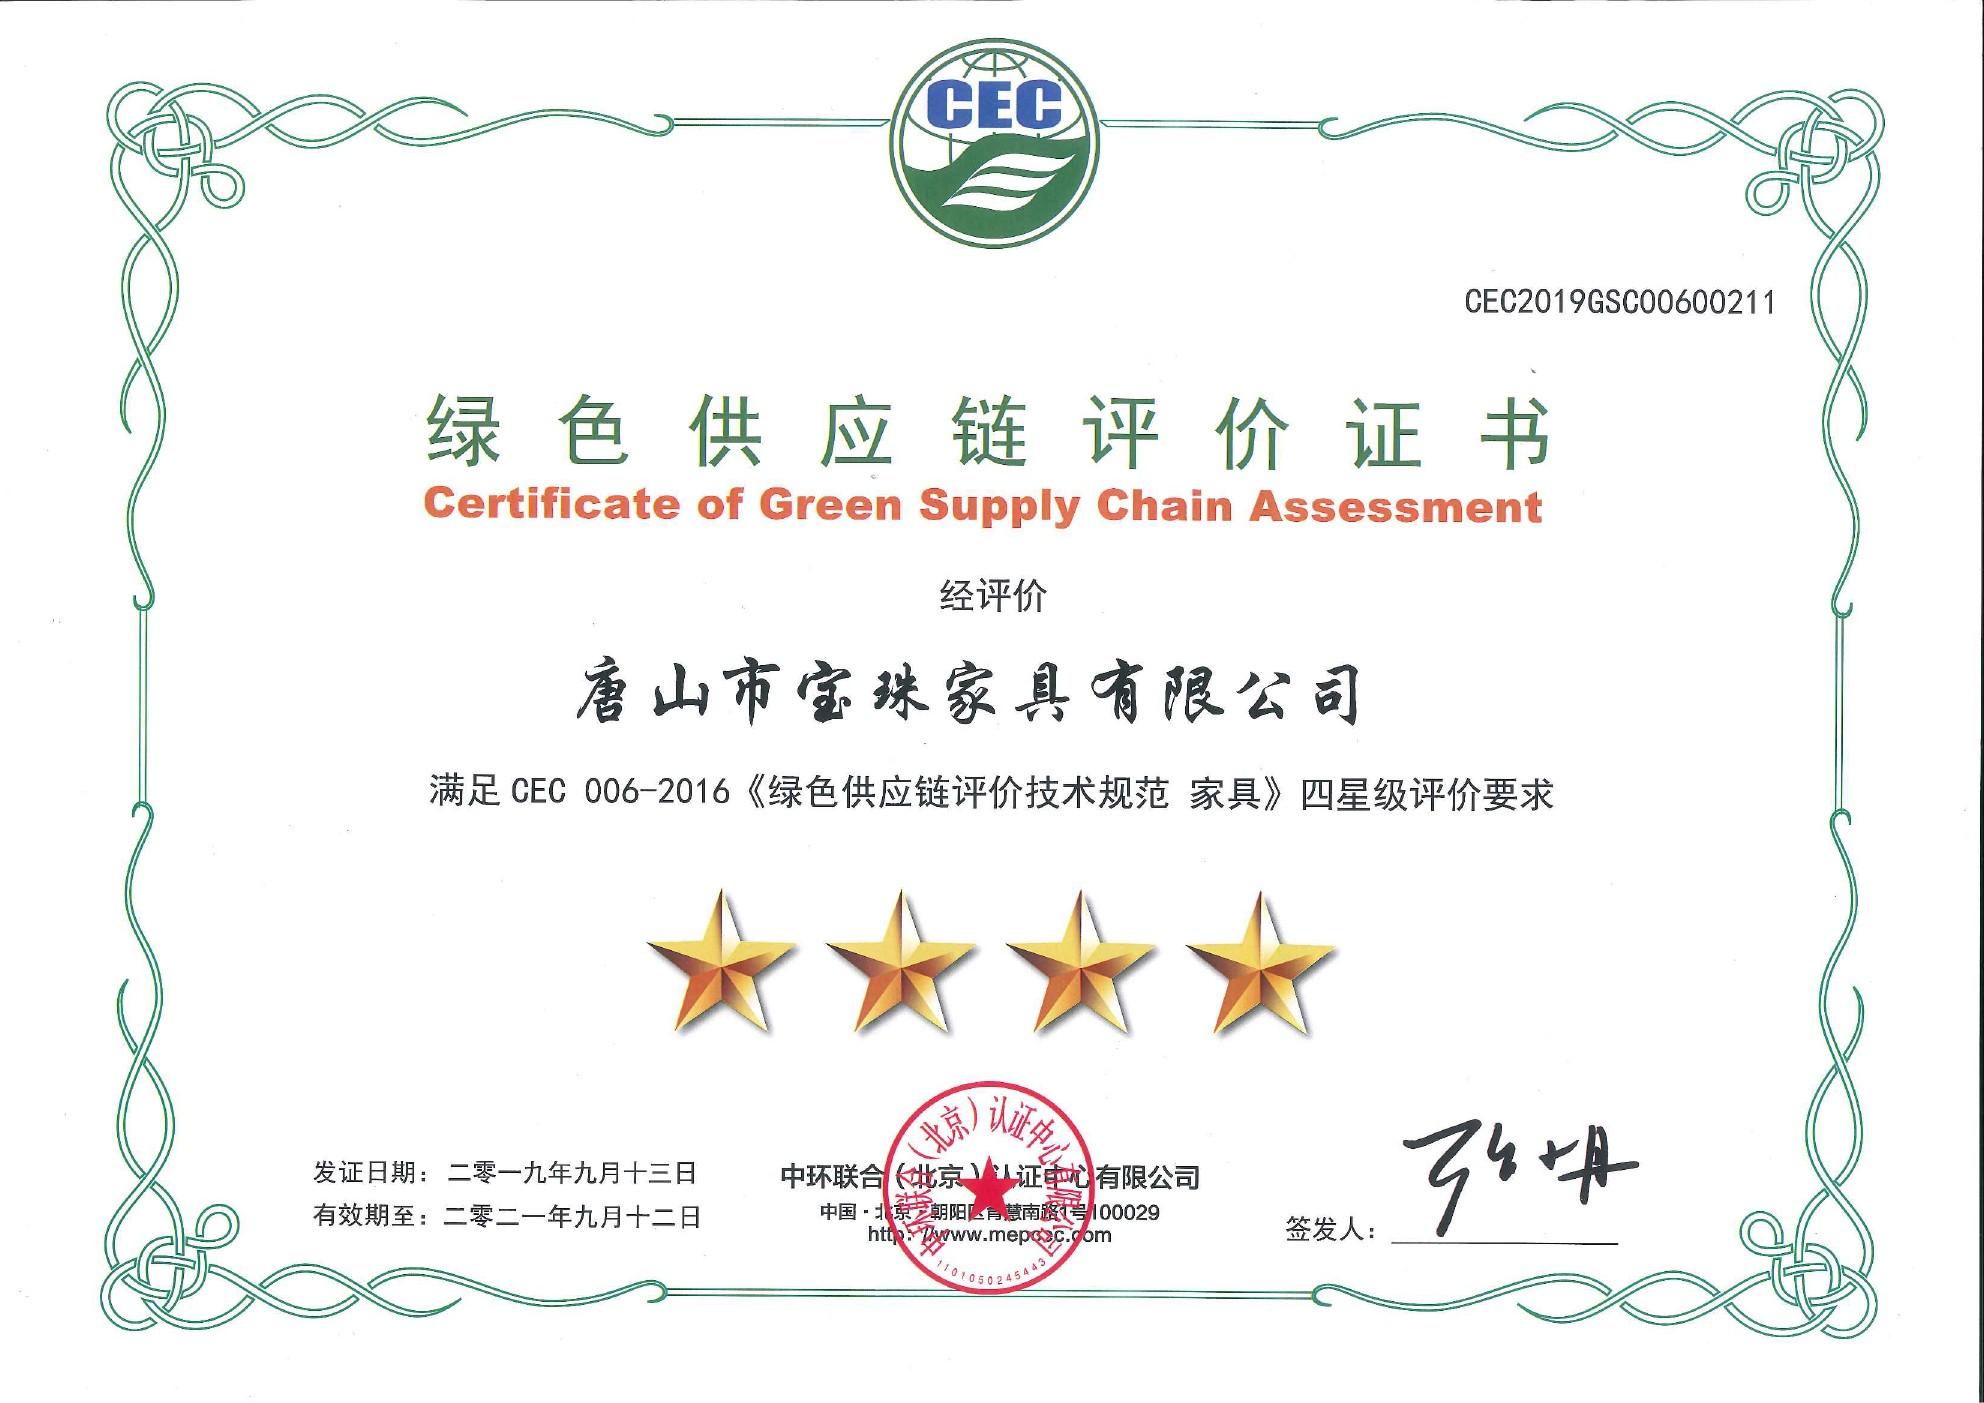 綠色供應鏈四星-2019.9.13-2021.9.12